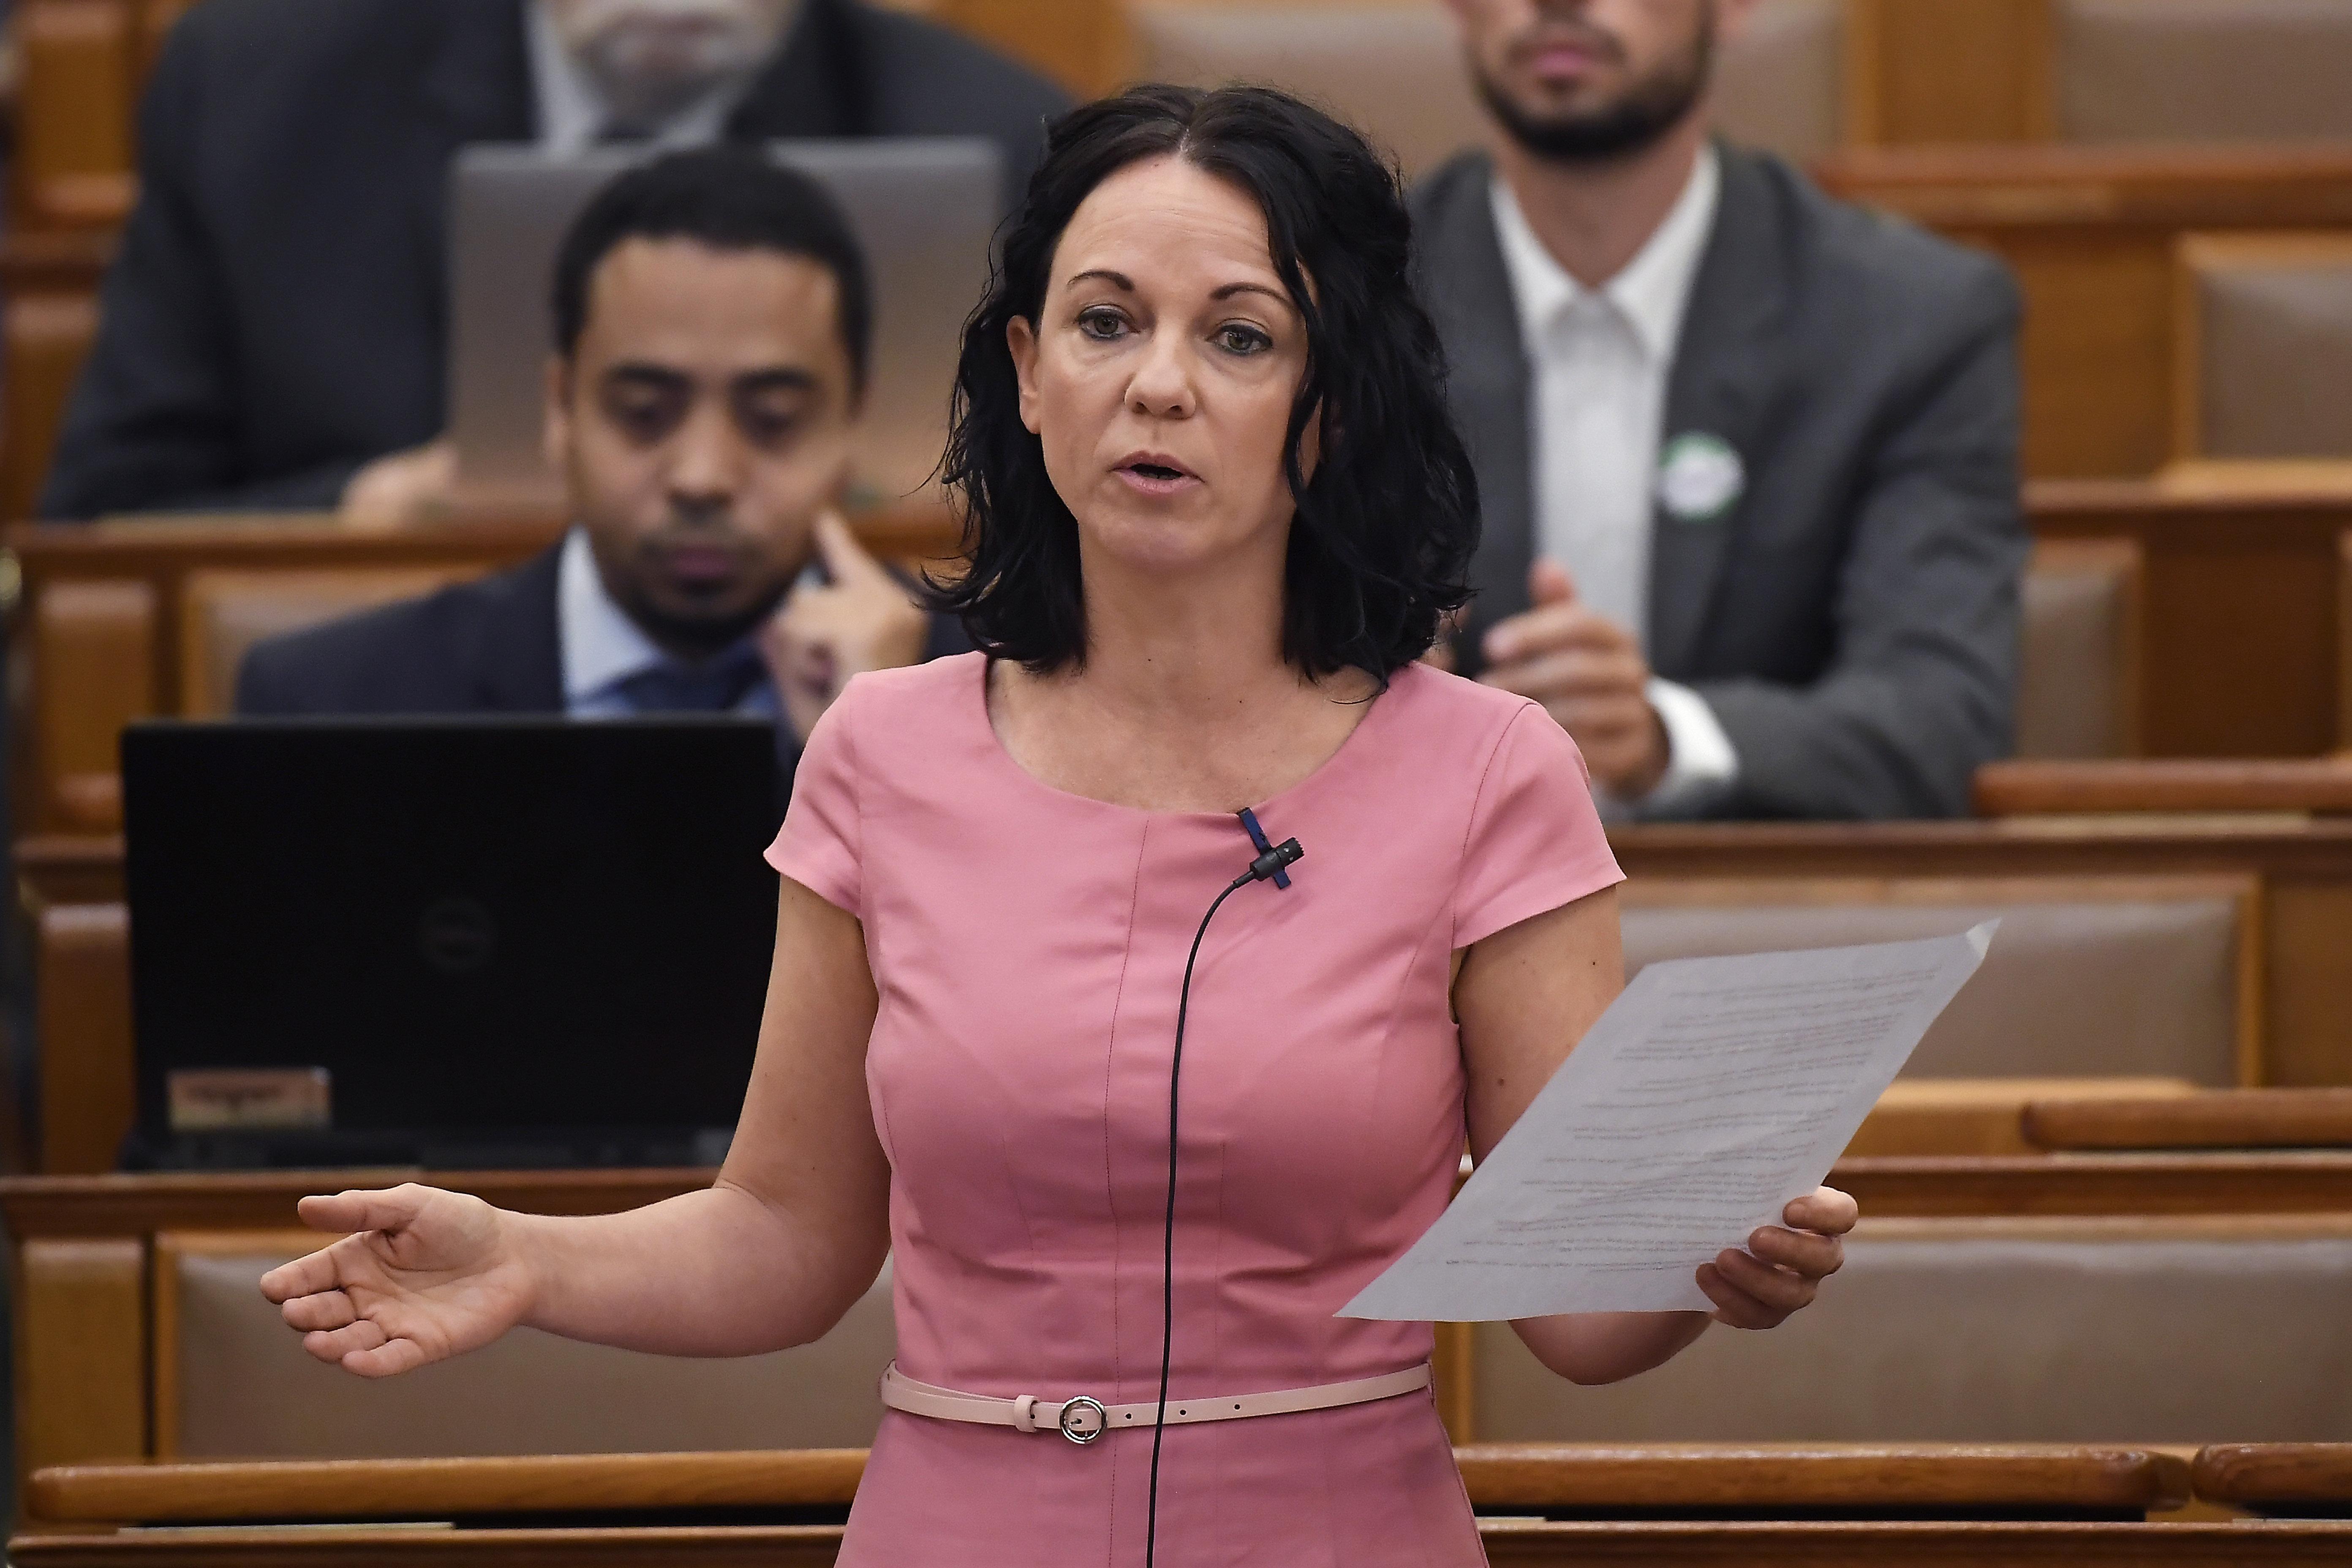 A Magyar Nemzetnek 1,3 millió forint kártérítést kell fizetnie, amiért megsértették Szabó Tímea emberi méltóságát